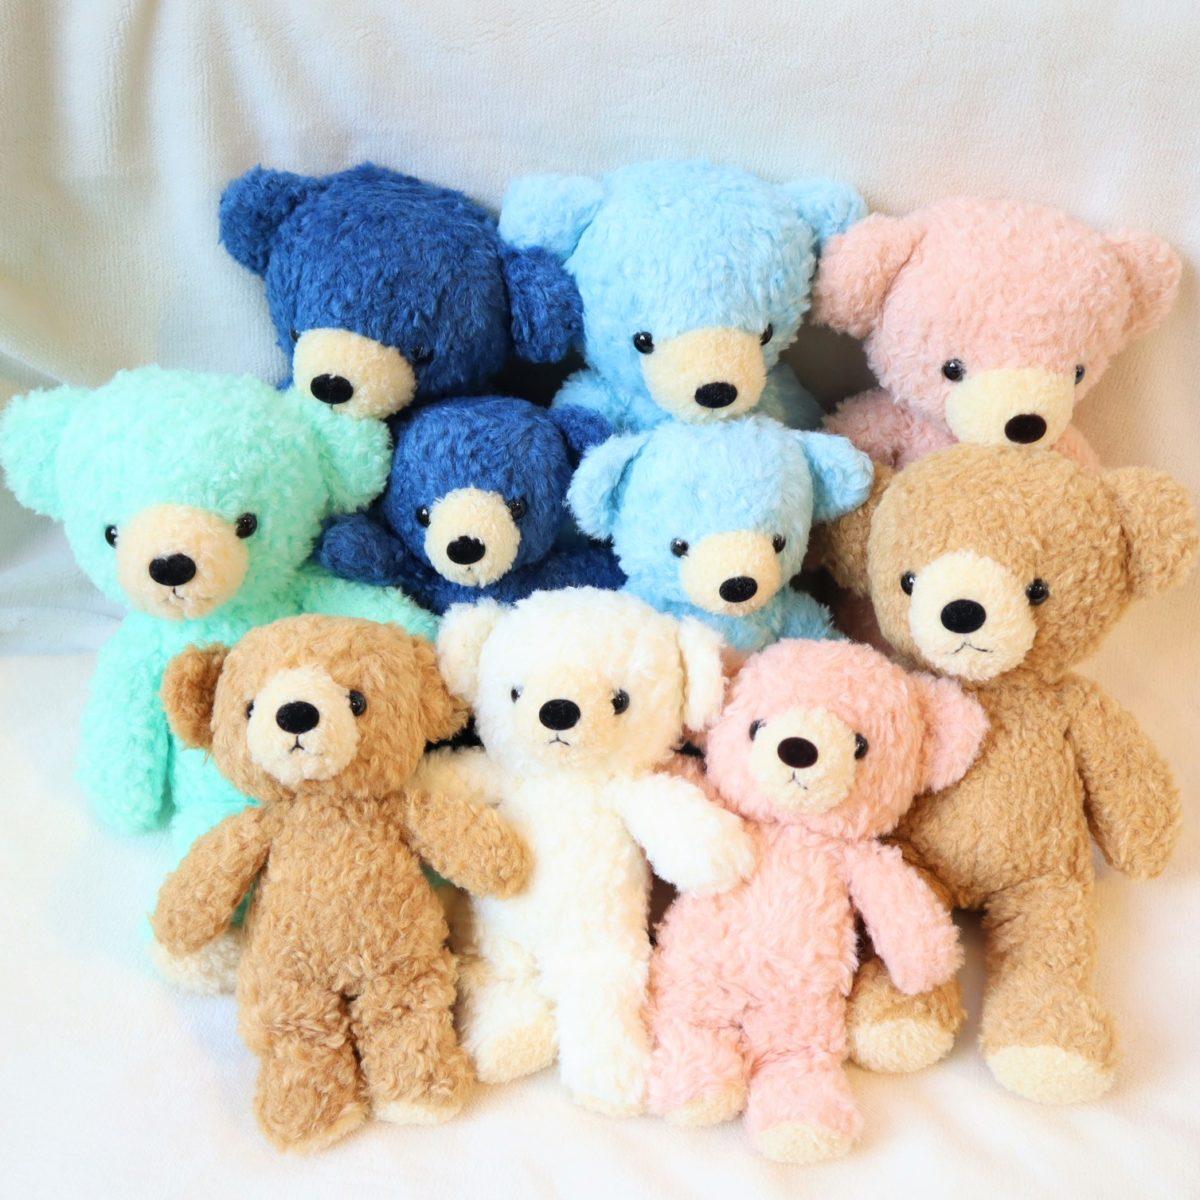 クマのフカフカシリーズ